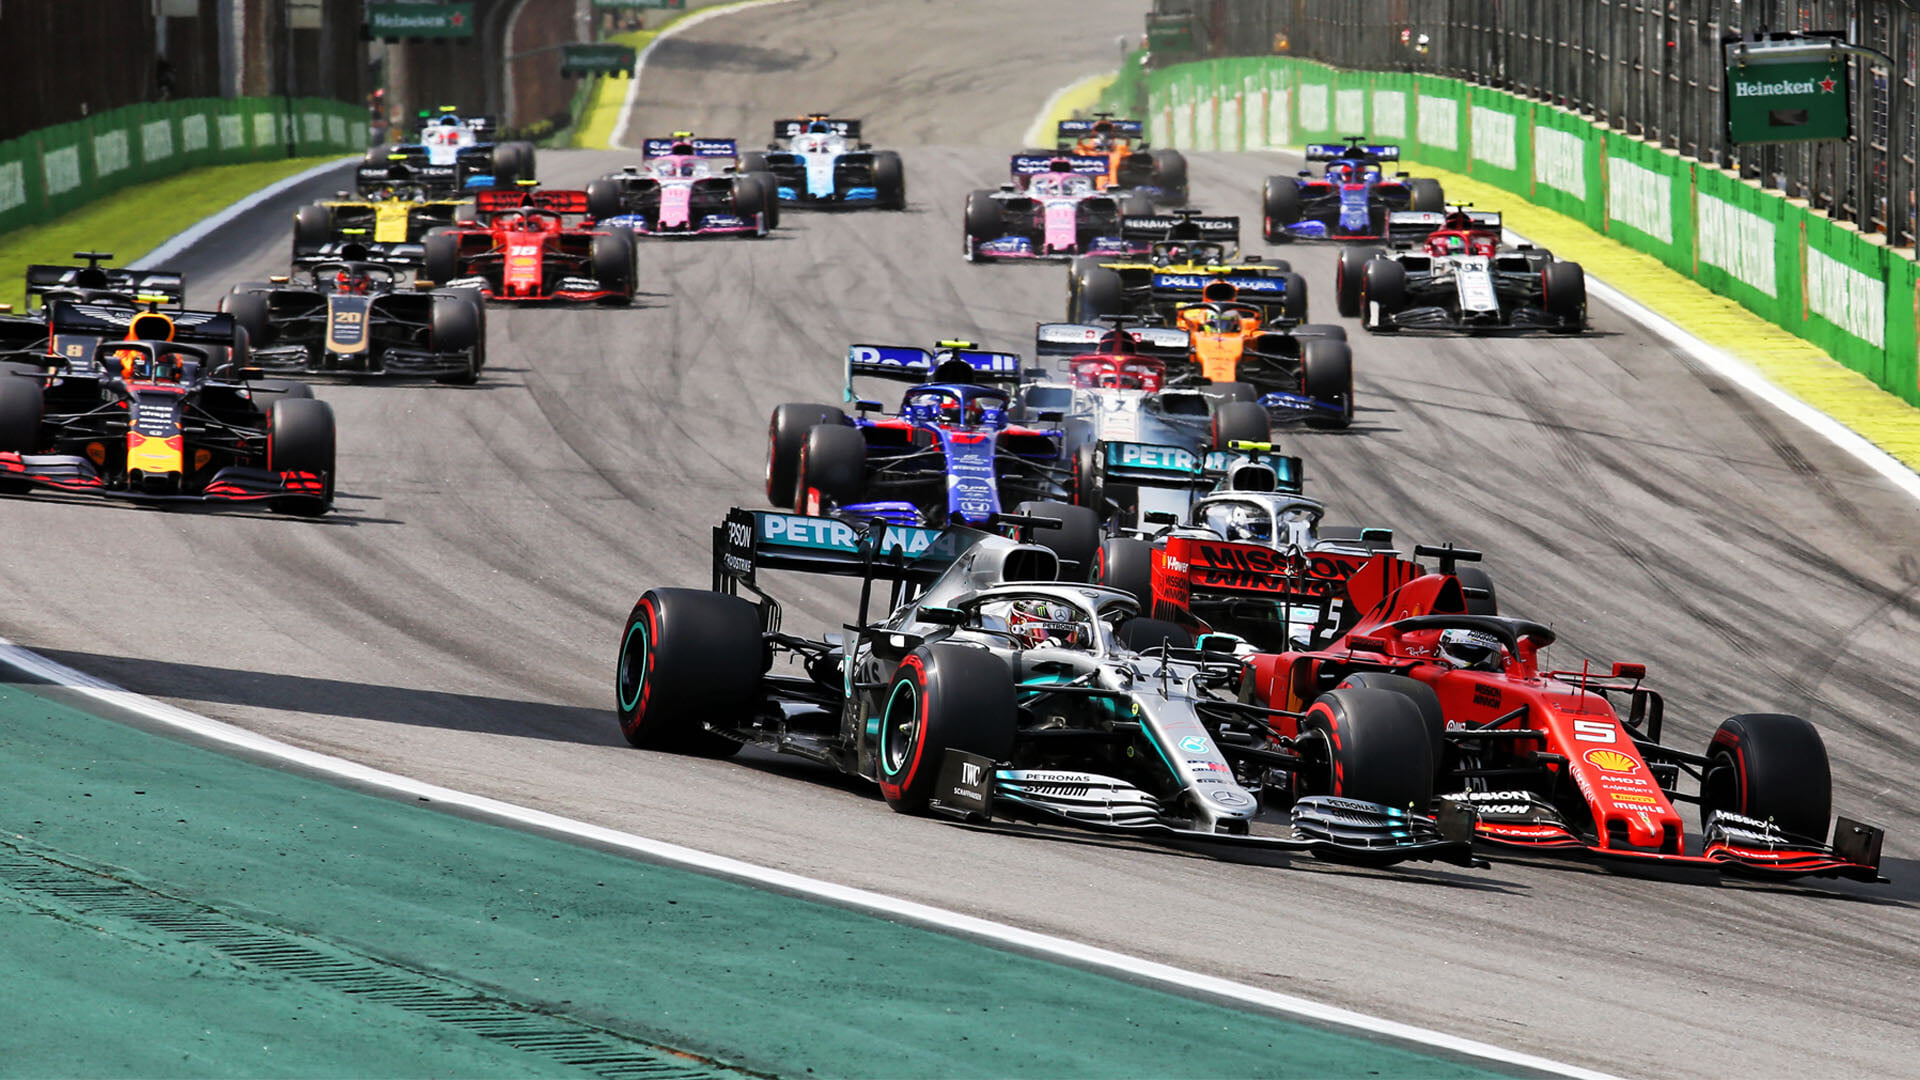 Формула 1 пройдет в Сочи в сентябре, как и планировалось